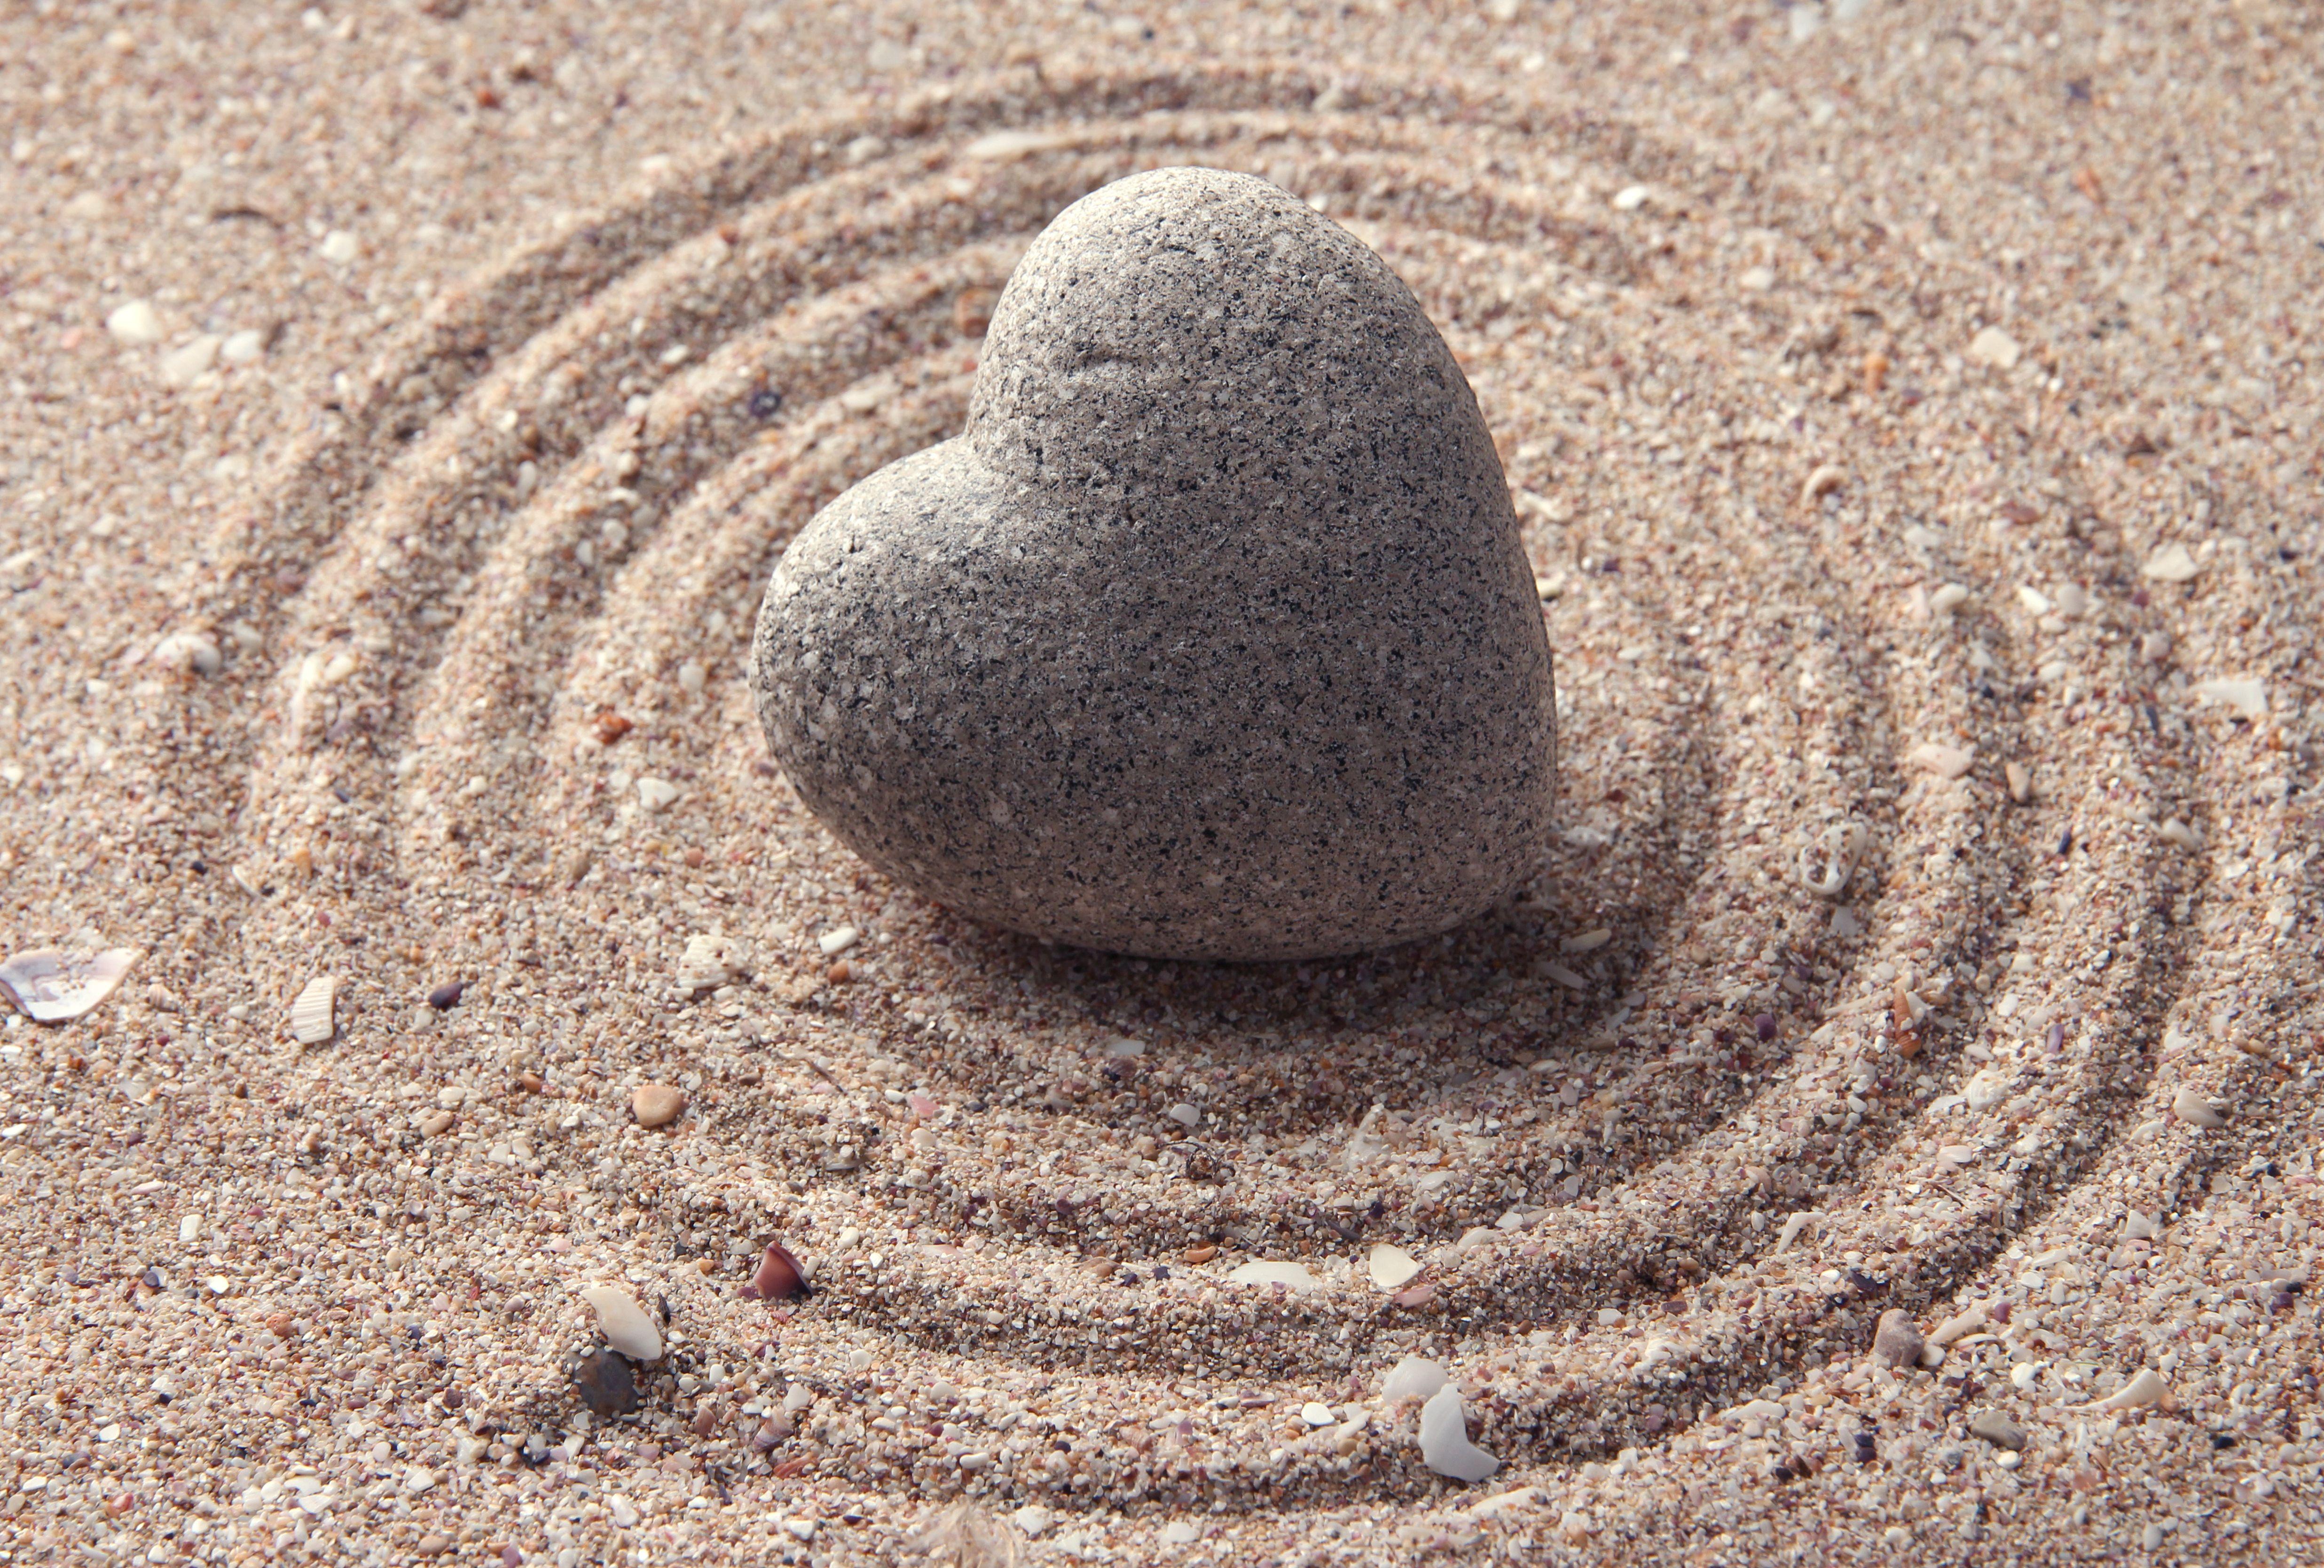 Zen Stone Heart Shaped on Sand HD Wallpaper|Love ...